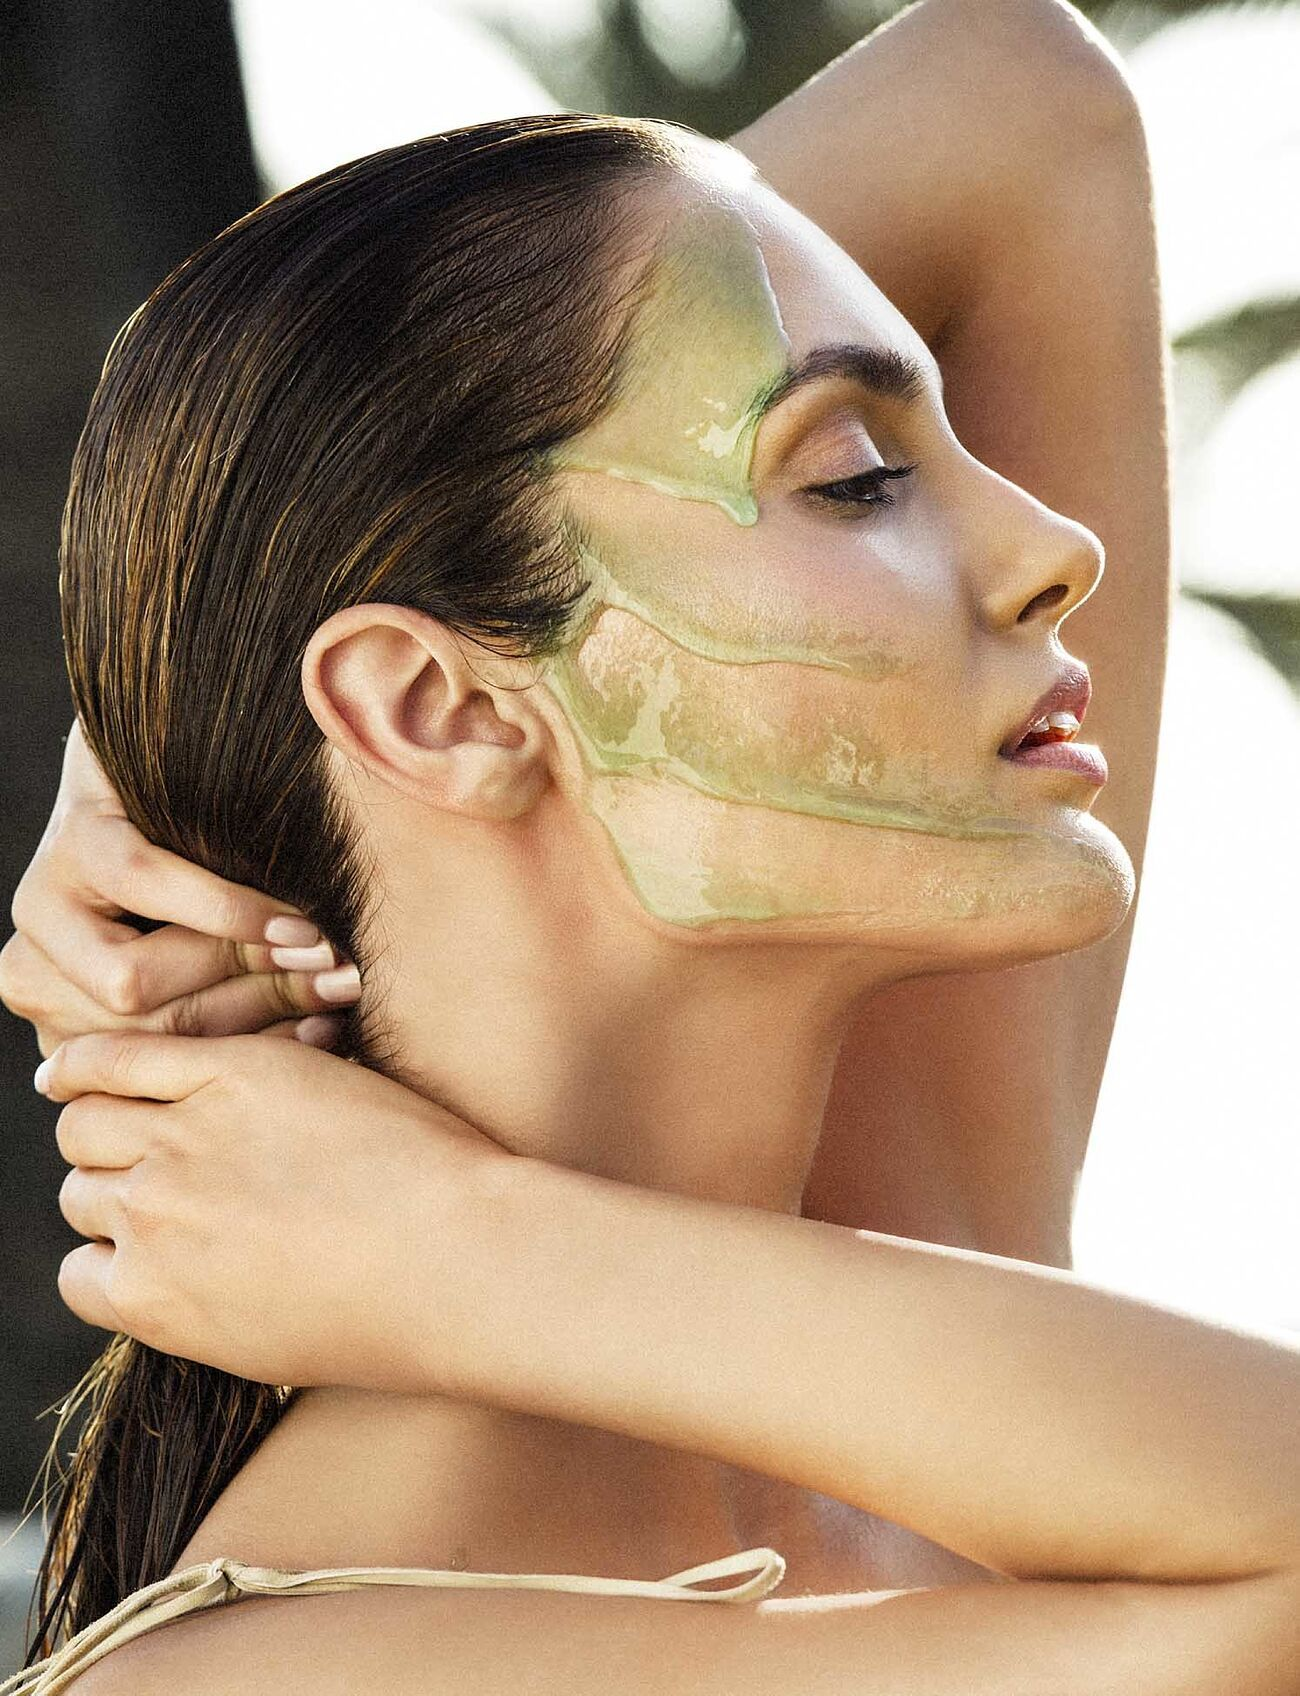 Aunque no están todas, aquí tienes una selección de marcas de cosmética natural. ¿Te animas a descubrirlas?